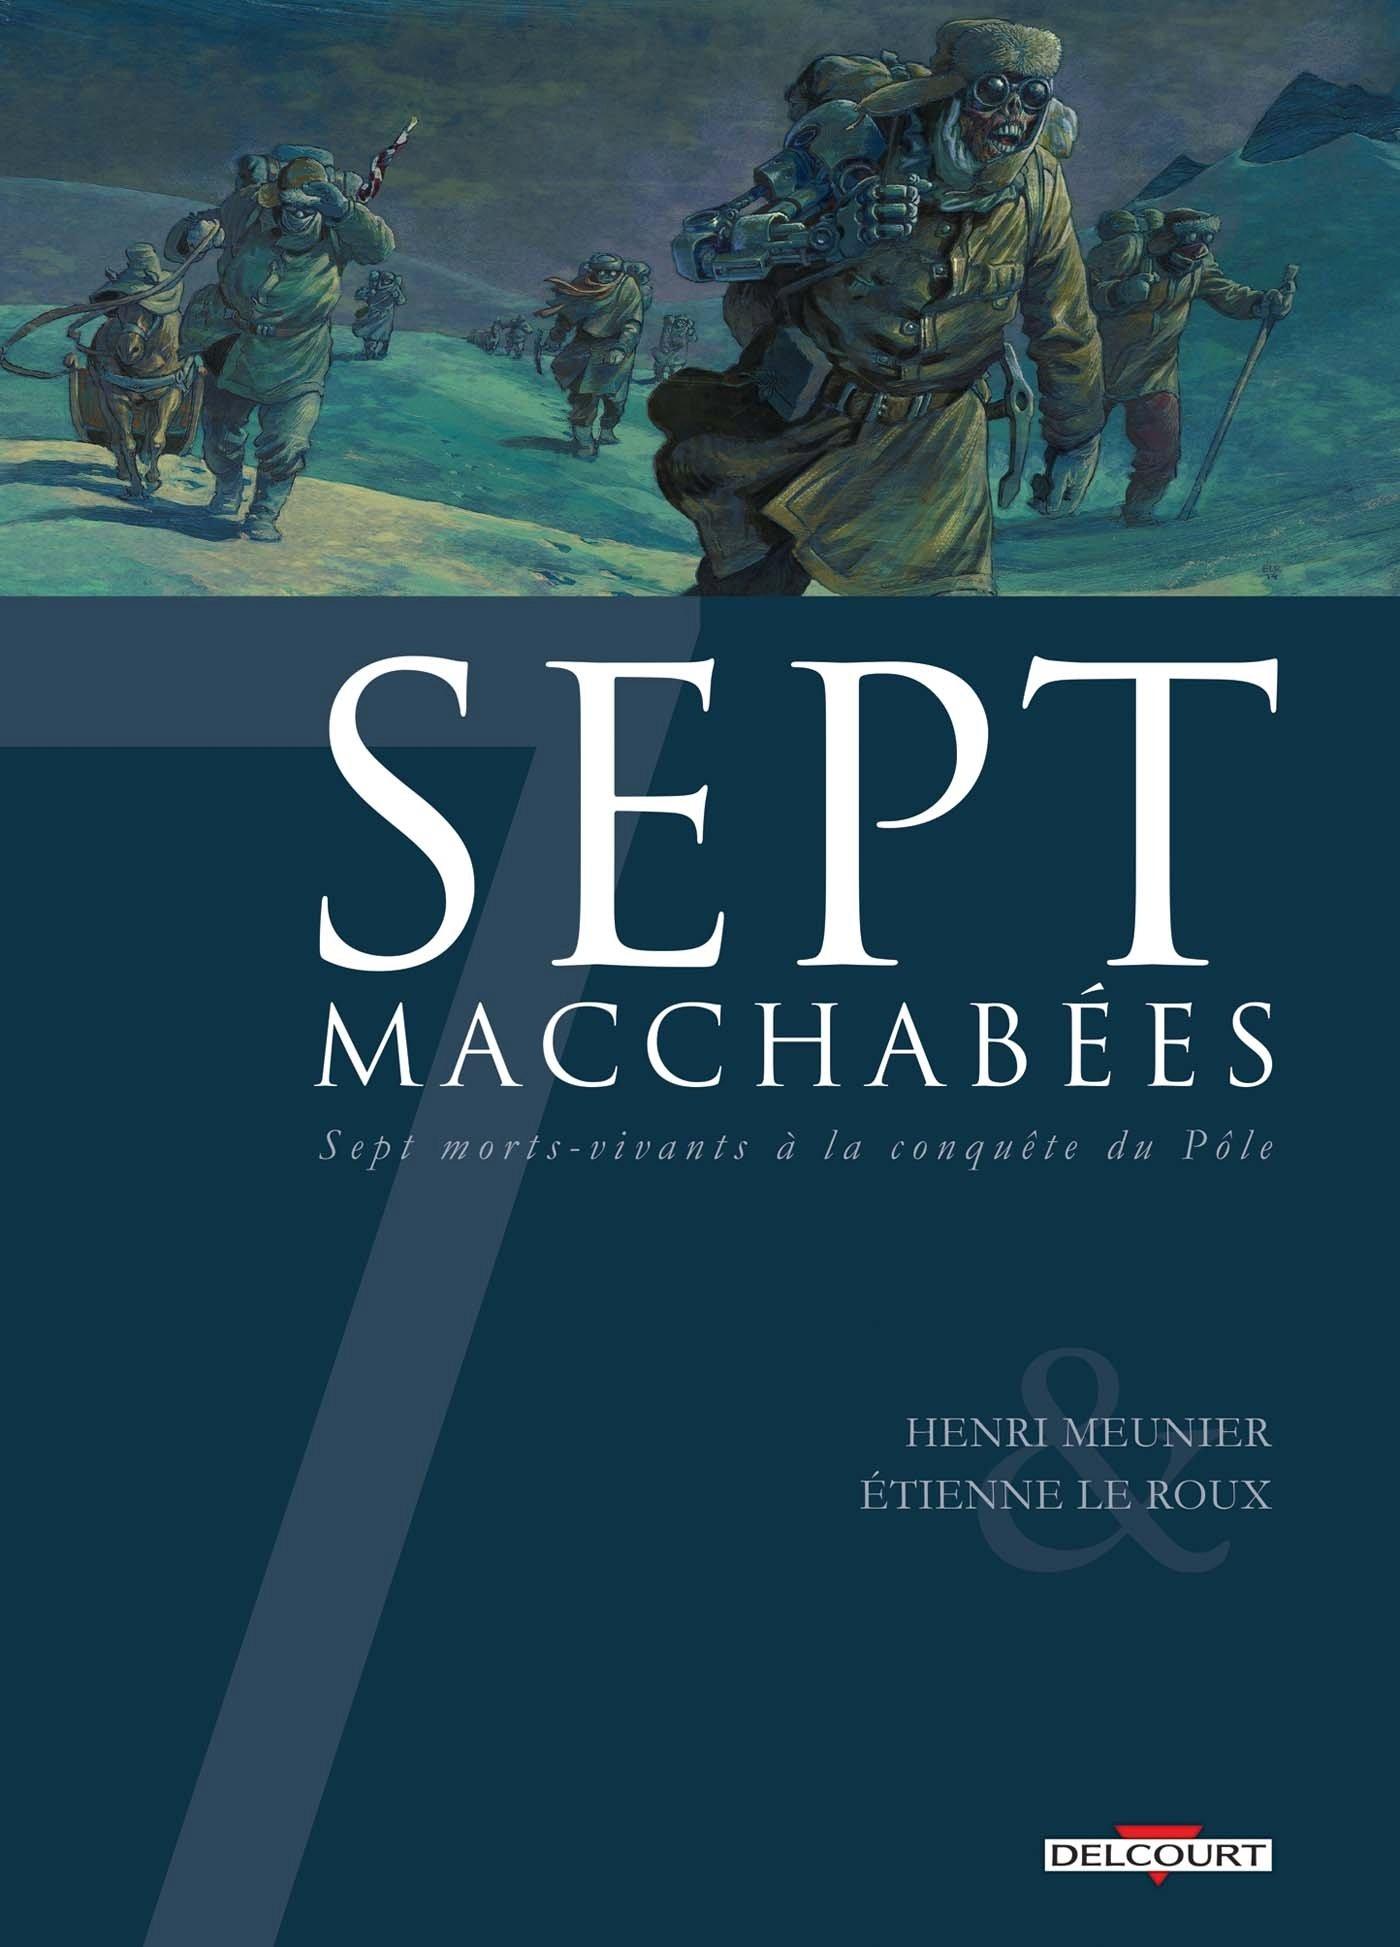 Sept 21 - 7 Macchabées